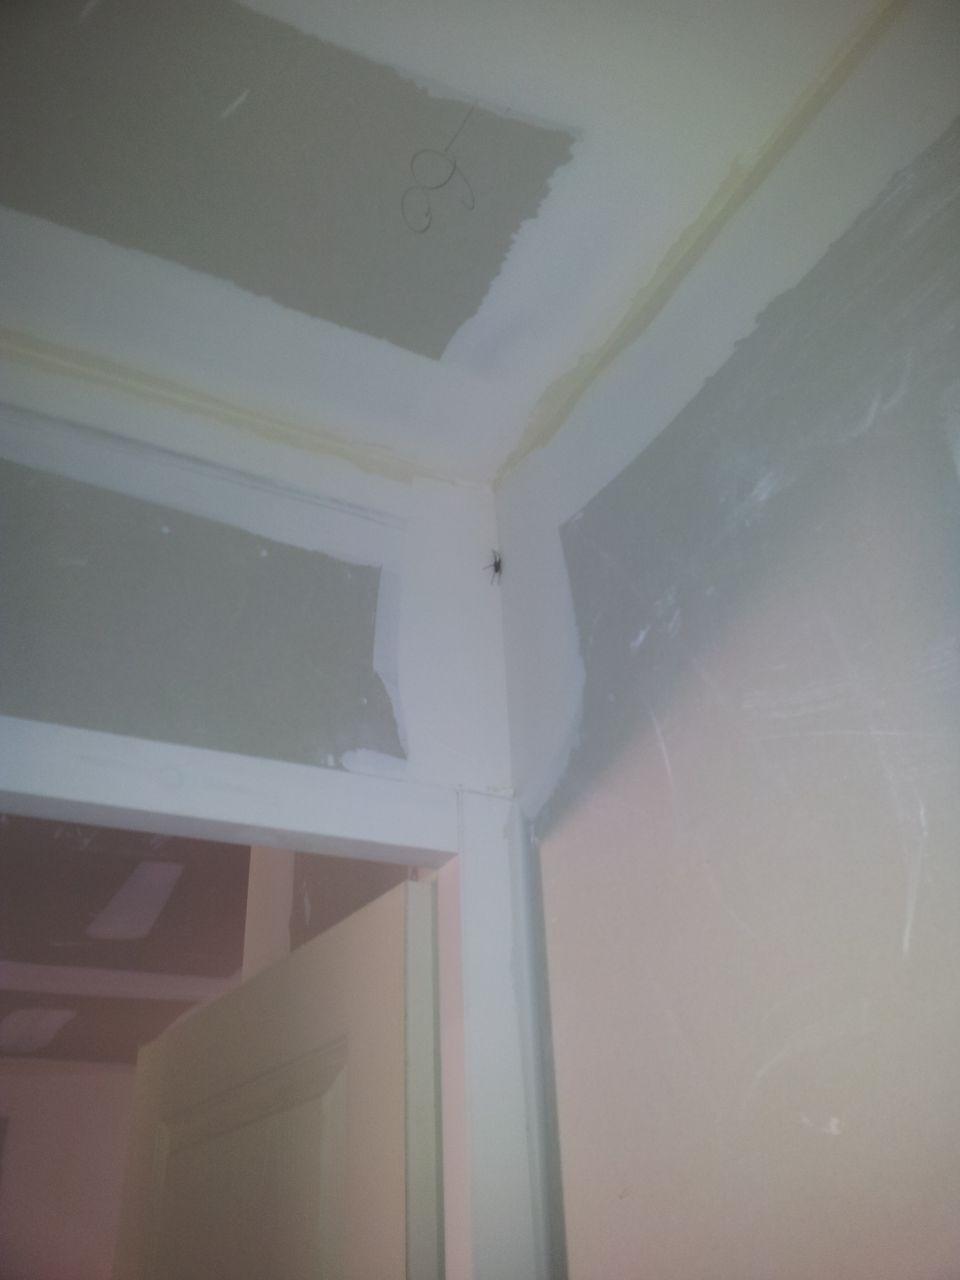 Pr r ception les sanitaires et le ballon thermodynamique sont l shopping plaisir - Une araignee dans la salle de bain ...